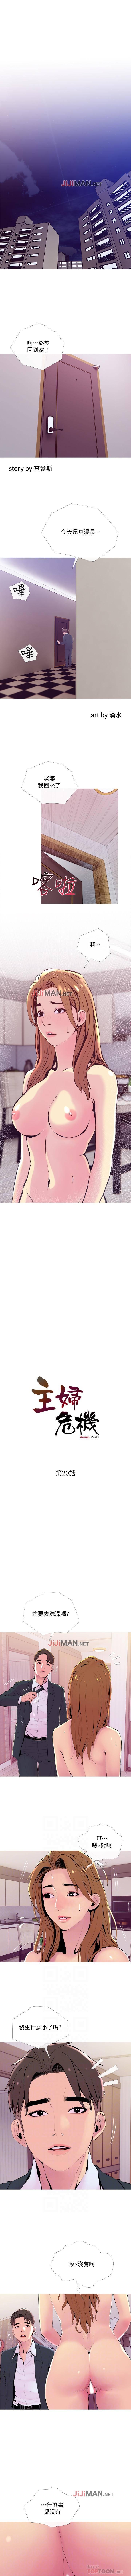 【周五连载】主妇危机(作者:查爾斯&漢水) 第1~26话 134